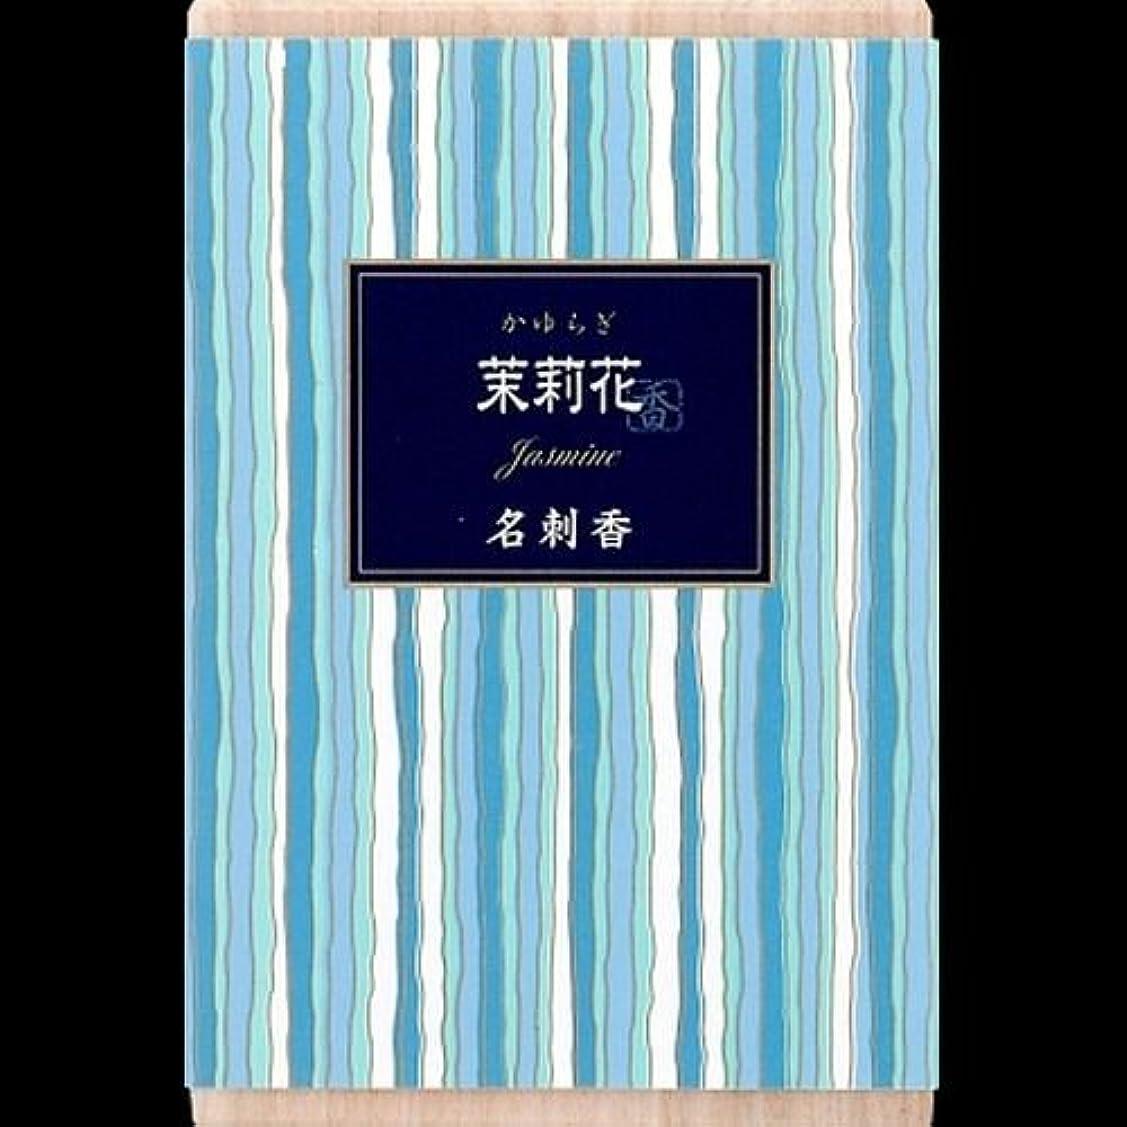 の前で一時停止美徳【まとめ買い】かゆらぎ 茉莉花 名刺香 桐箱 6入 ×2セット